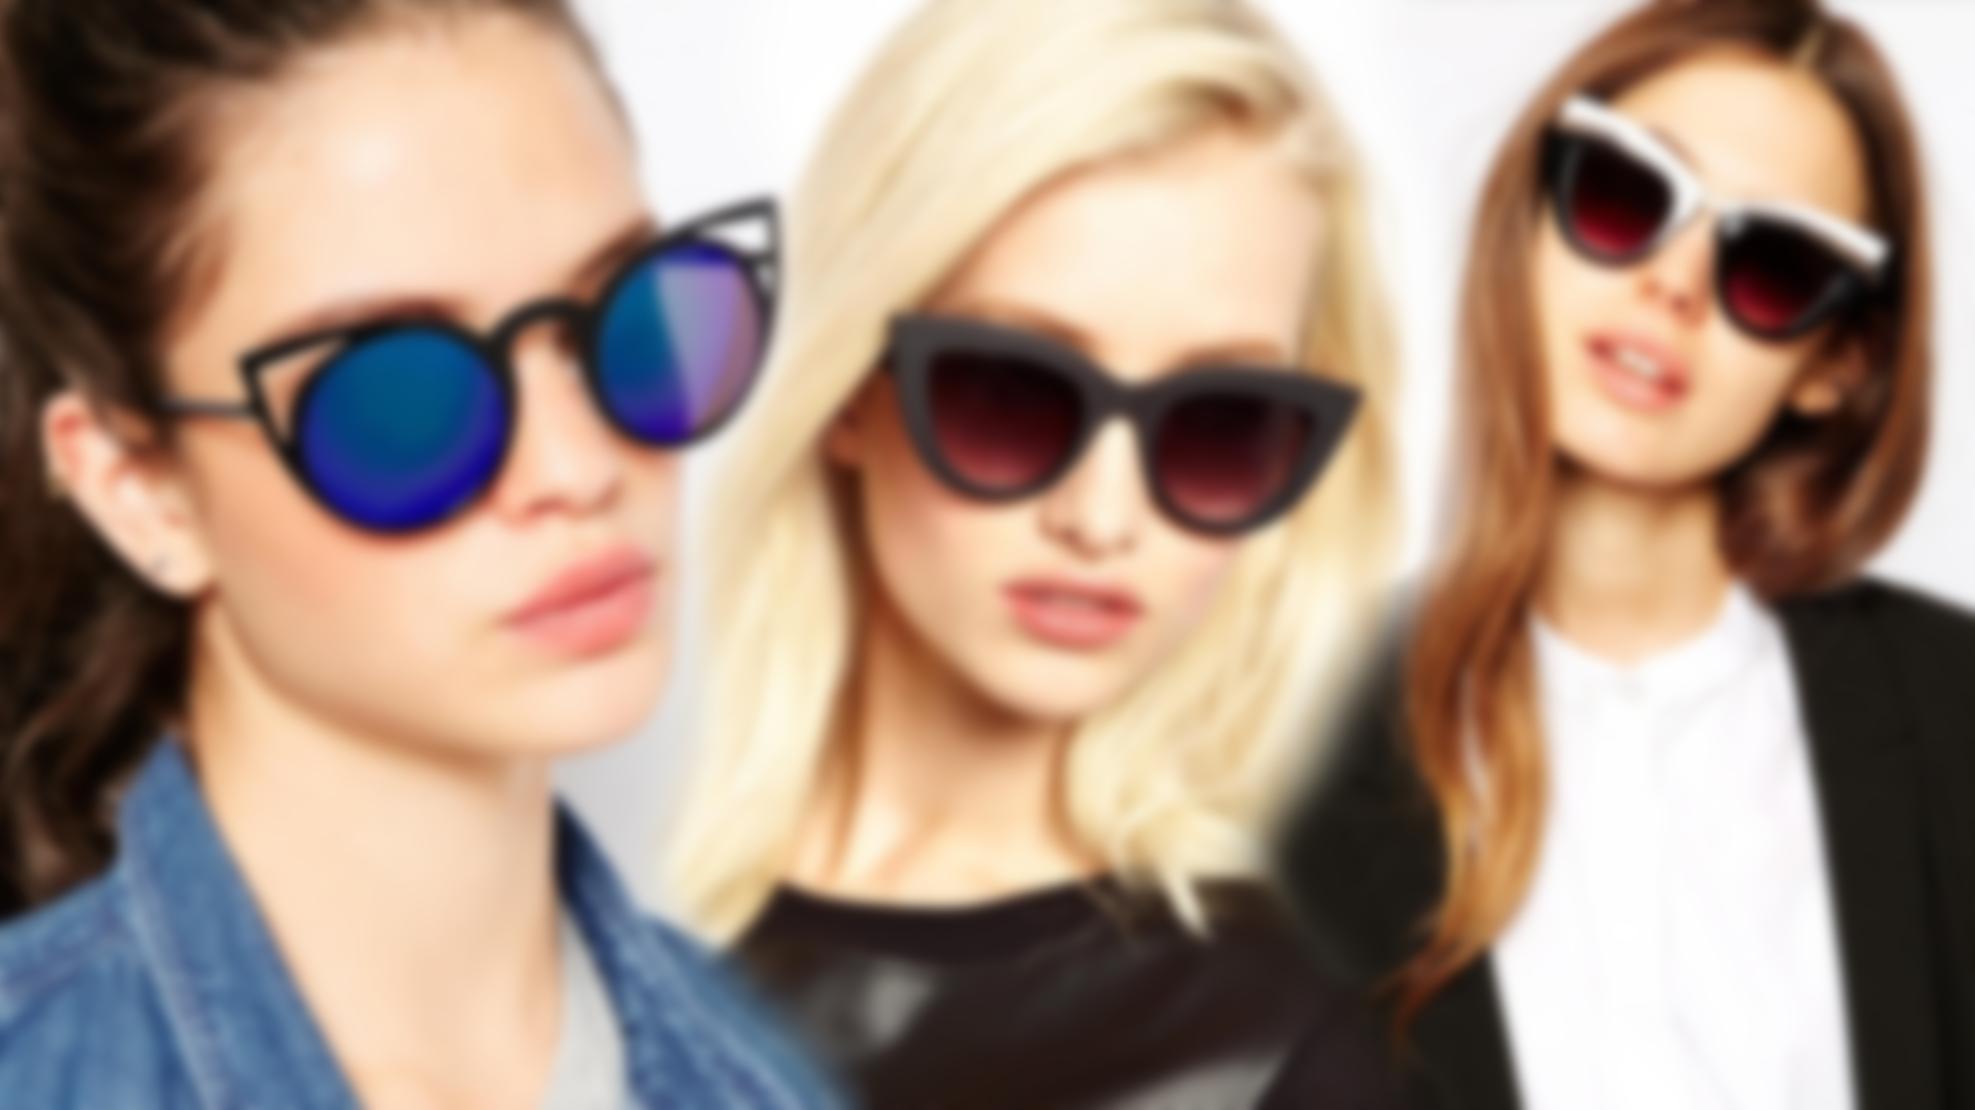 New sunglasses in fashion 21